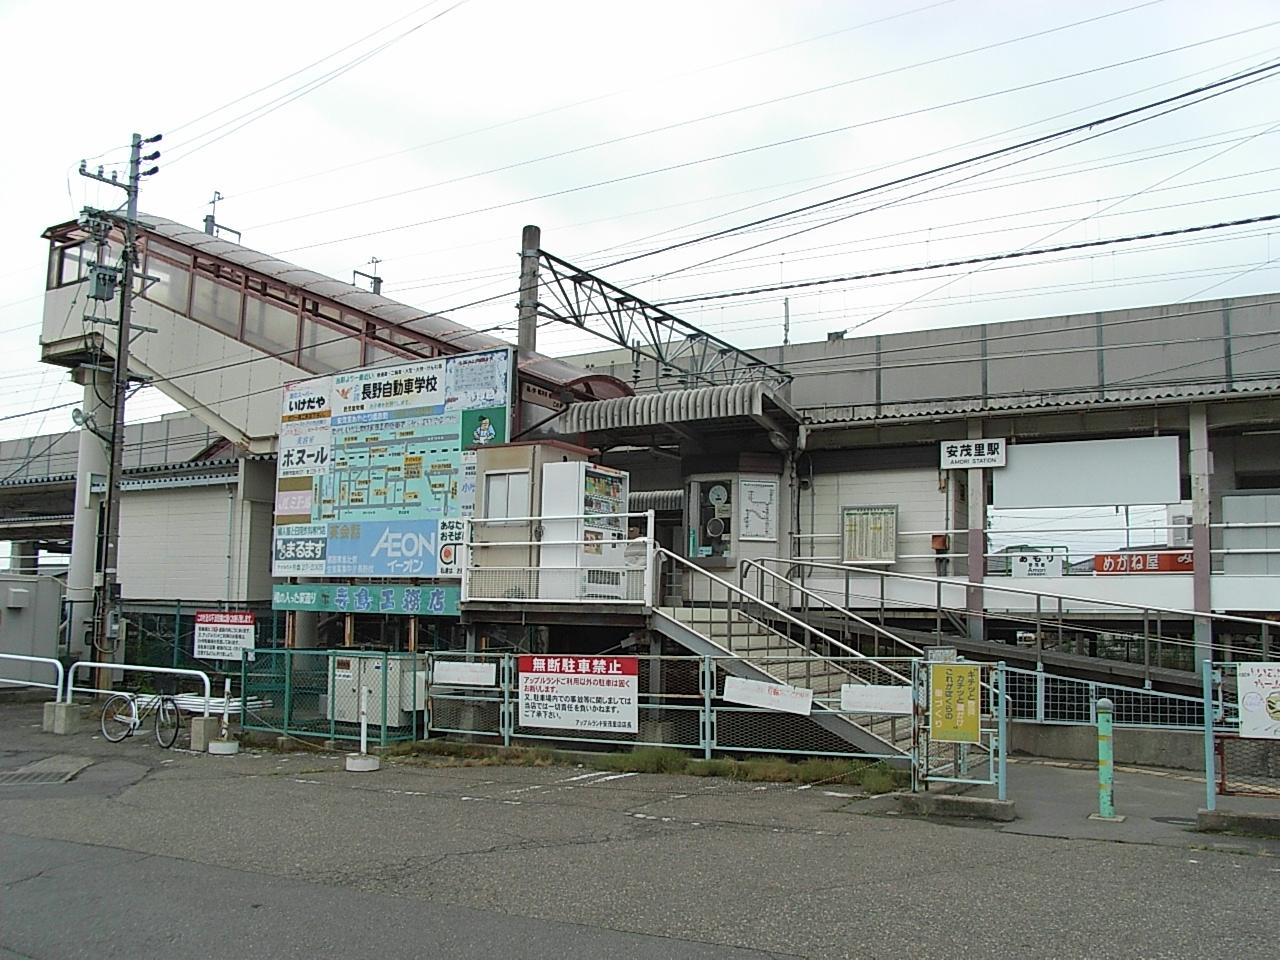 아모리 역